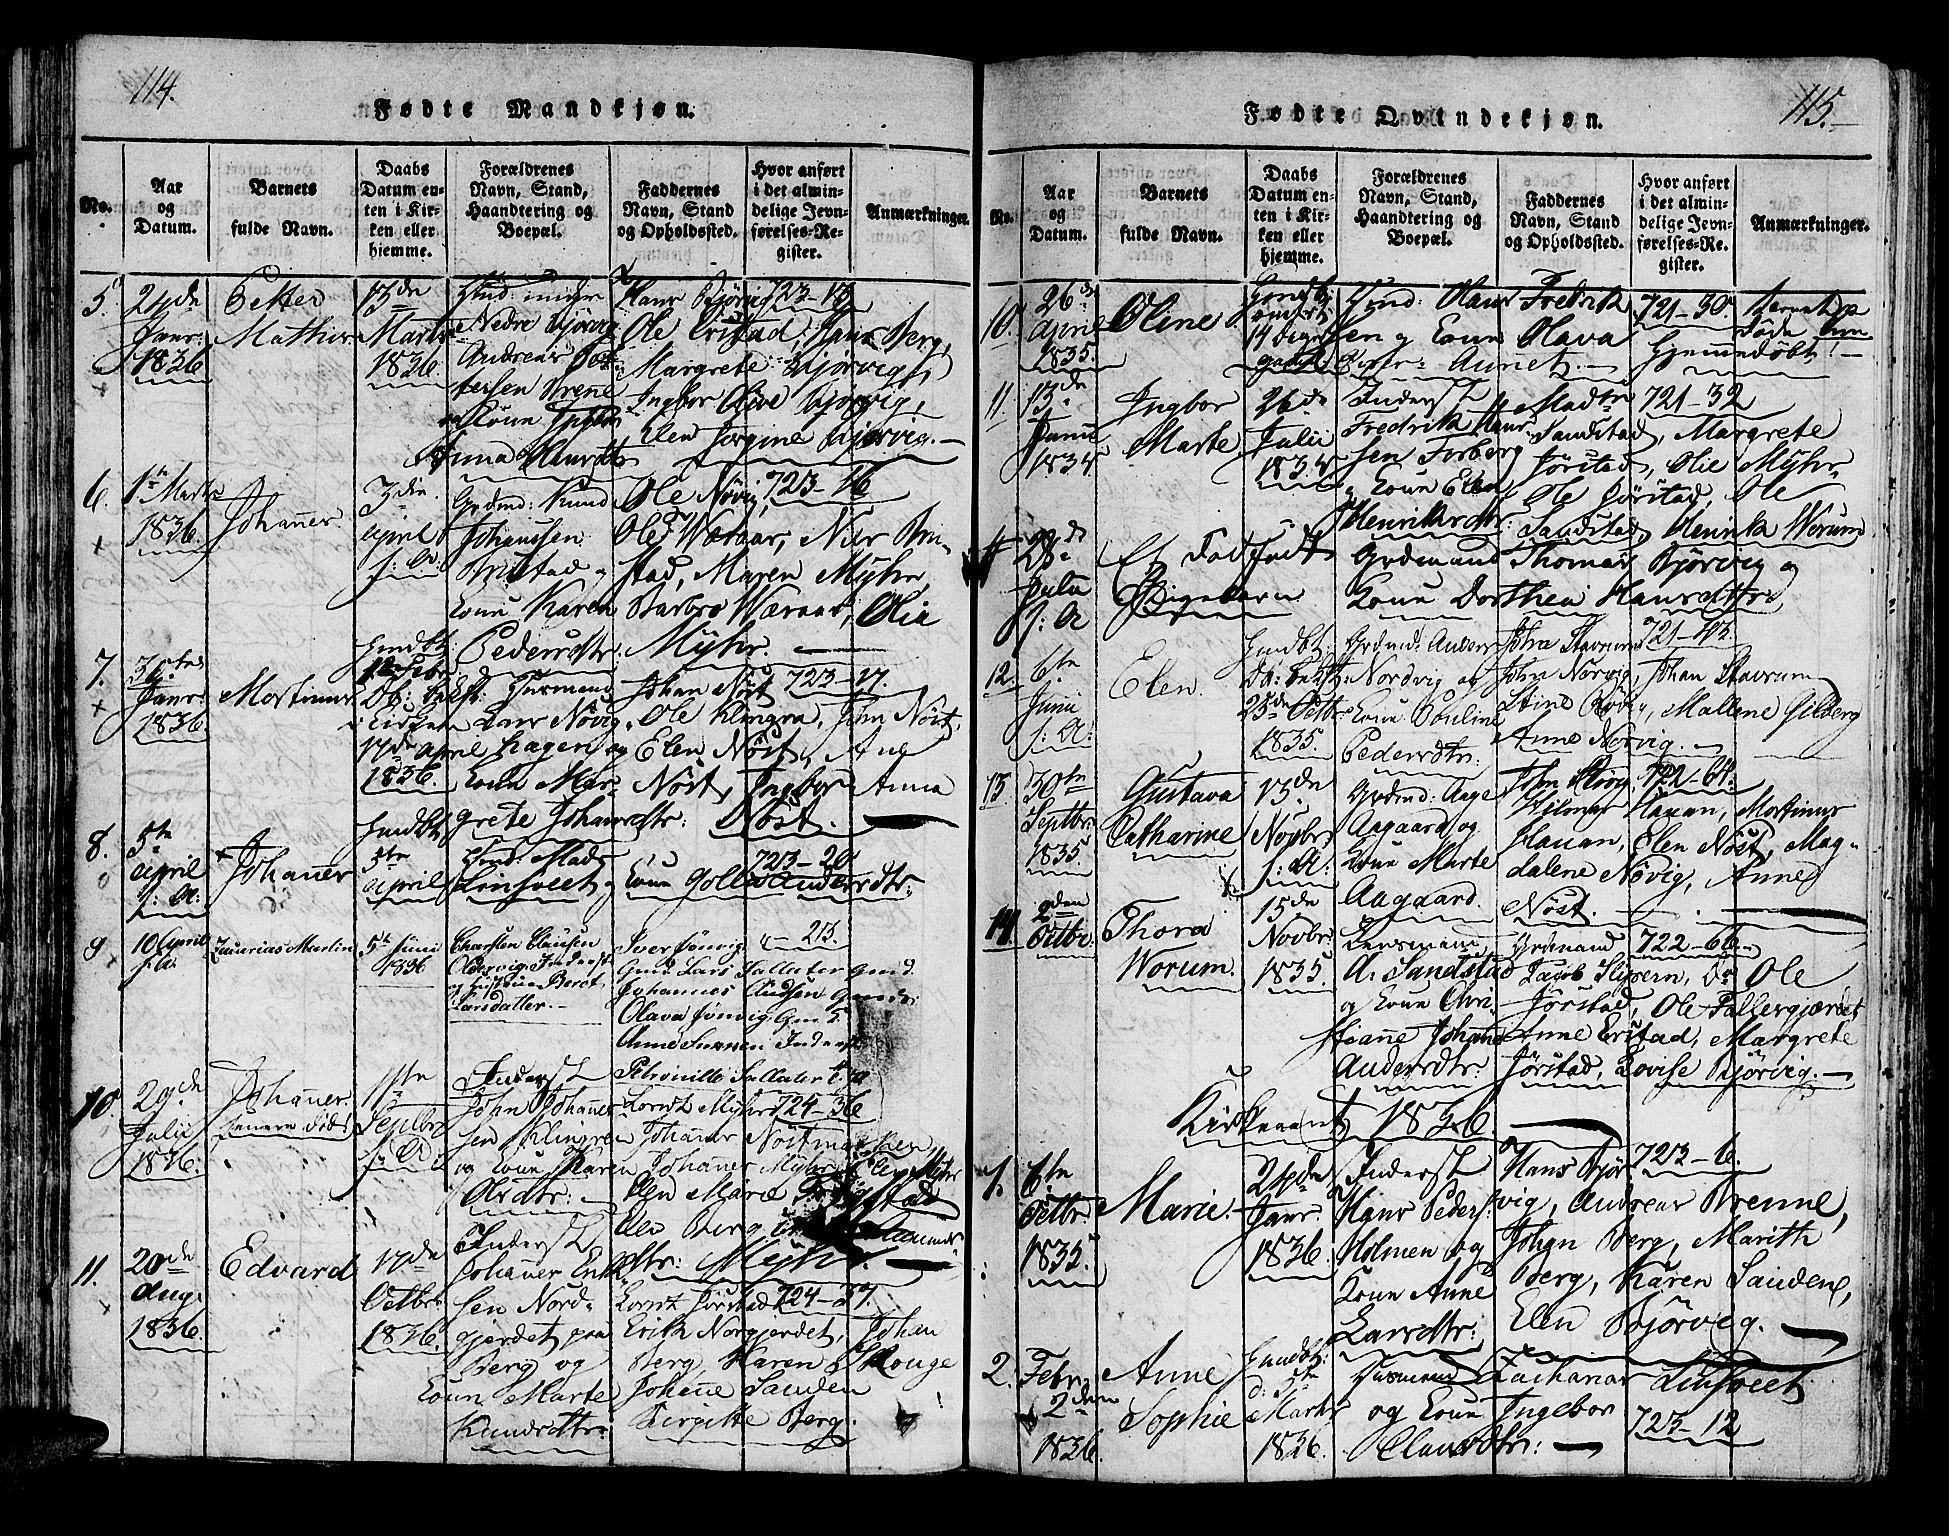 SAT, Ministerialprotokoller, klokkerbøker og fødselsregistre - Nord-Trøndelag, 722/L0217: Ministerialbok nr. 722A04, 1817-1842, s. 114-115